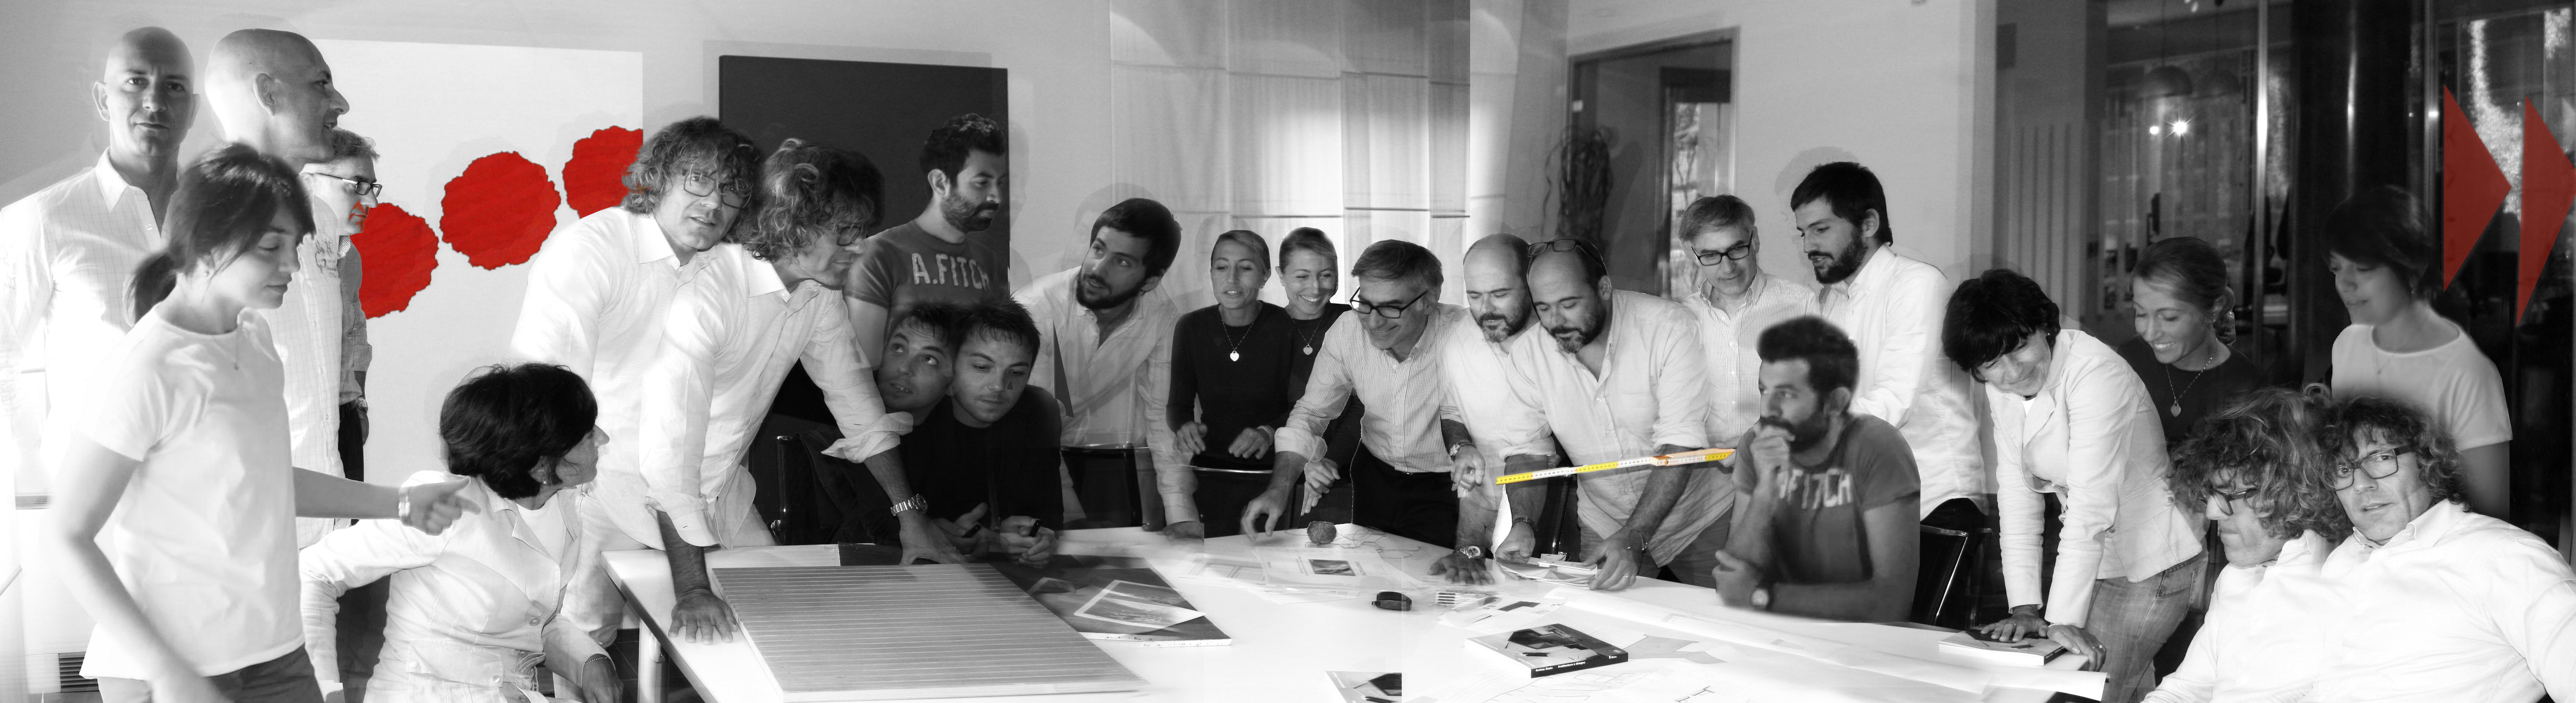 Architetti A Bergamo studio architetto mario cassinelli bergamoteam - studio